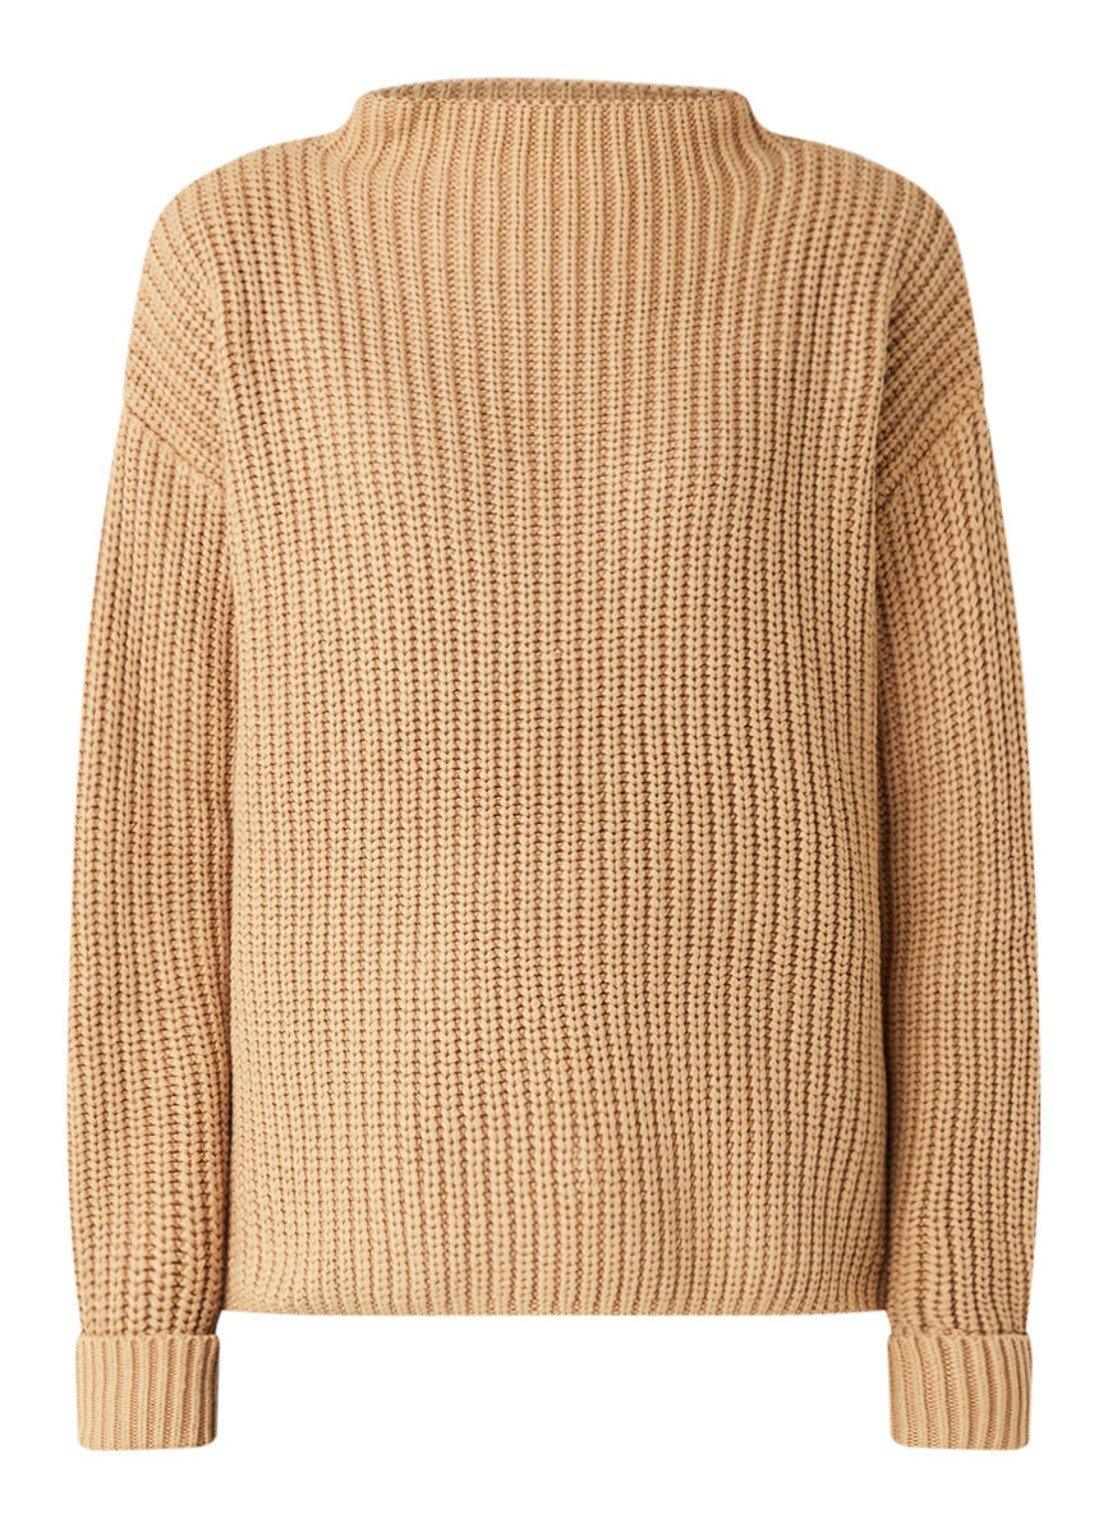 treeestyles knitwear